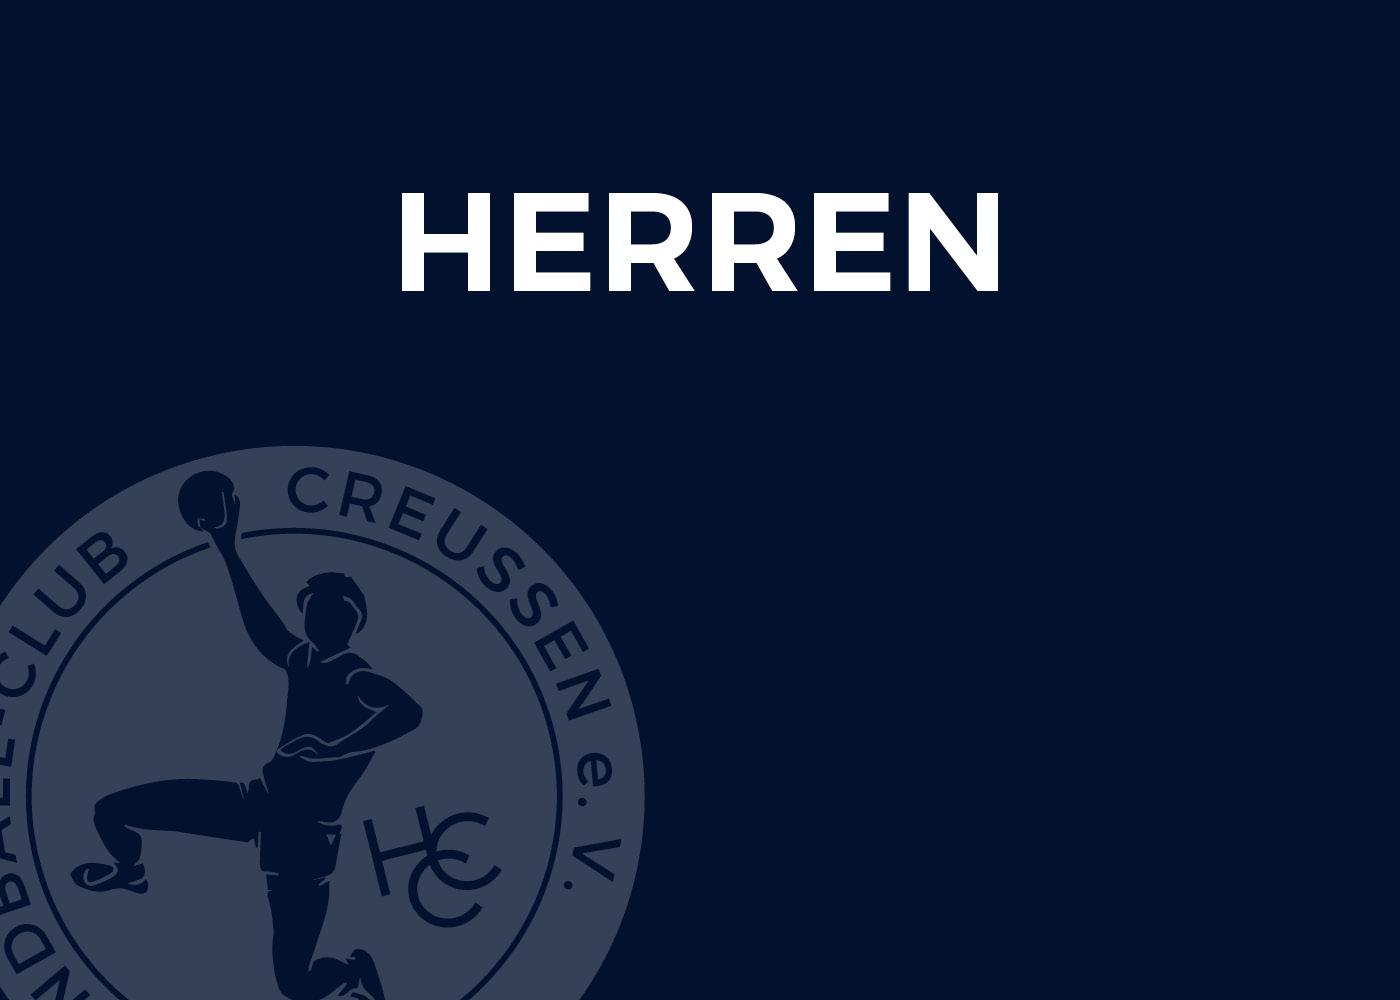 hc-creussen-mannschaften-herren-teaser